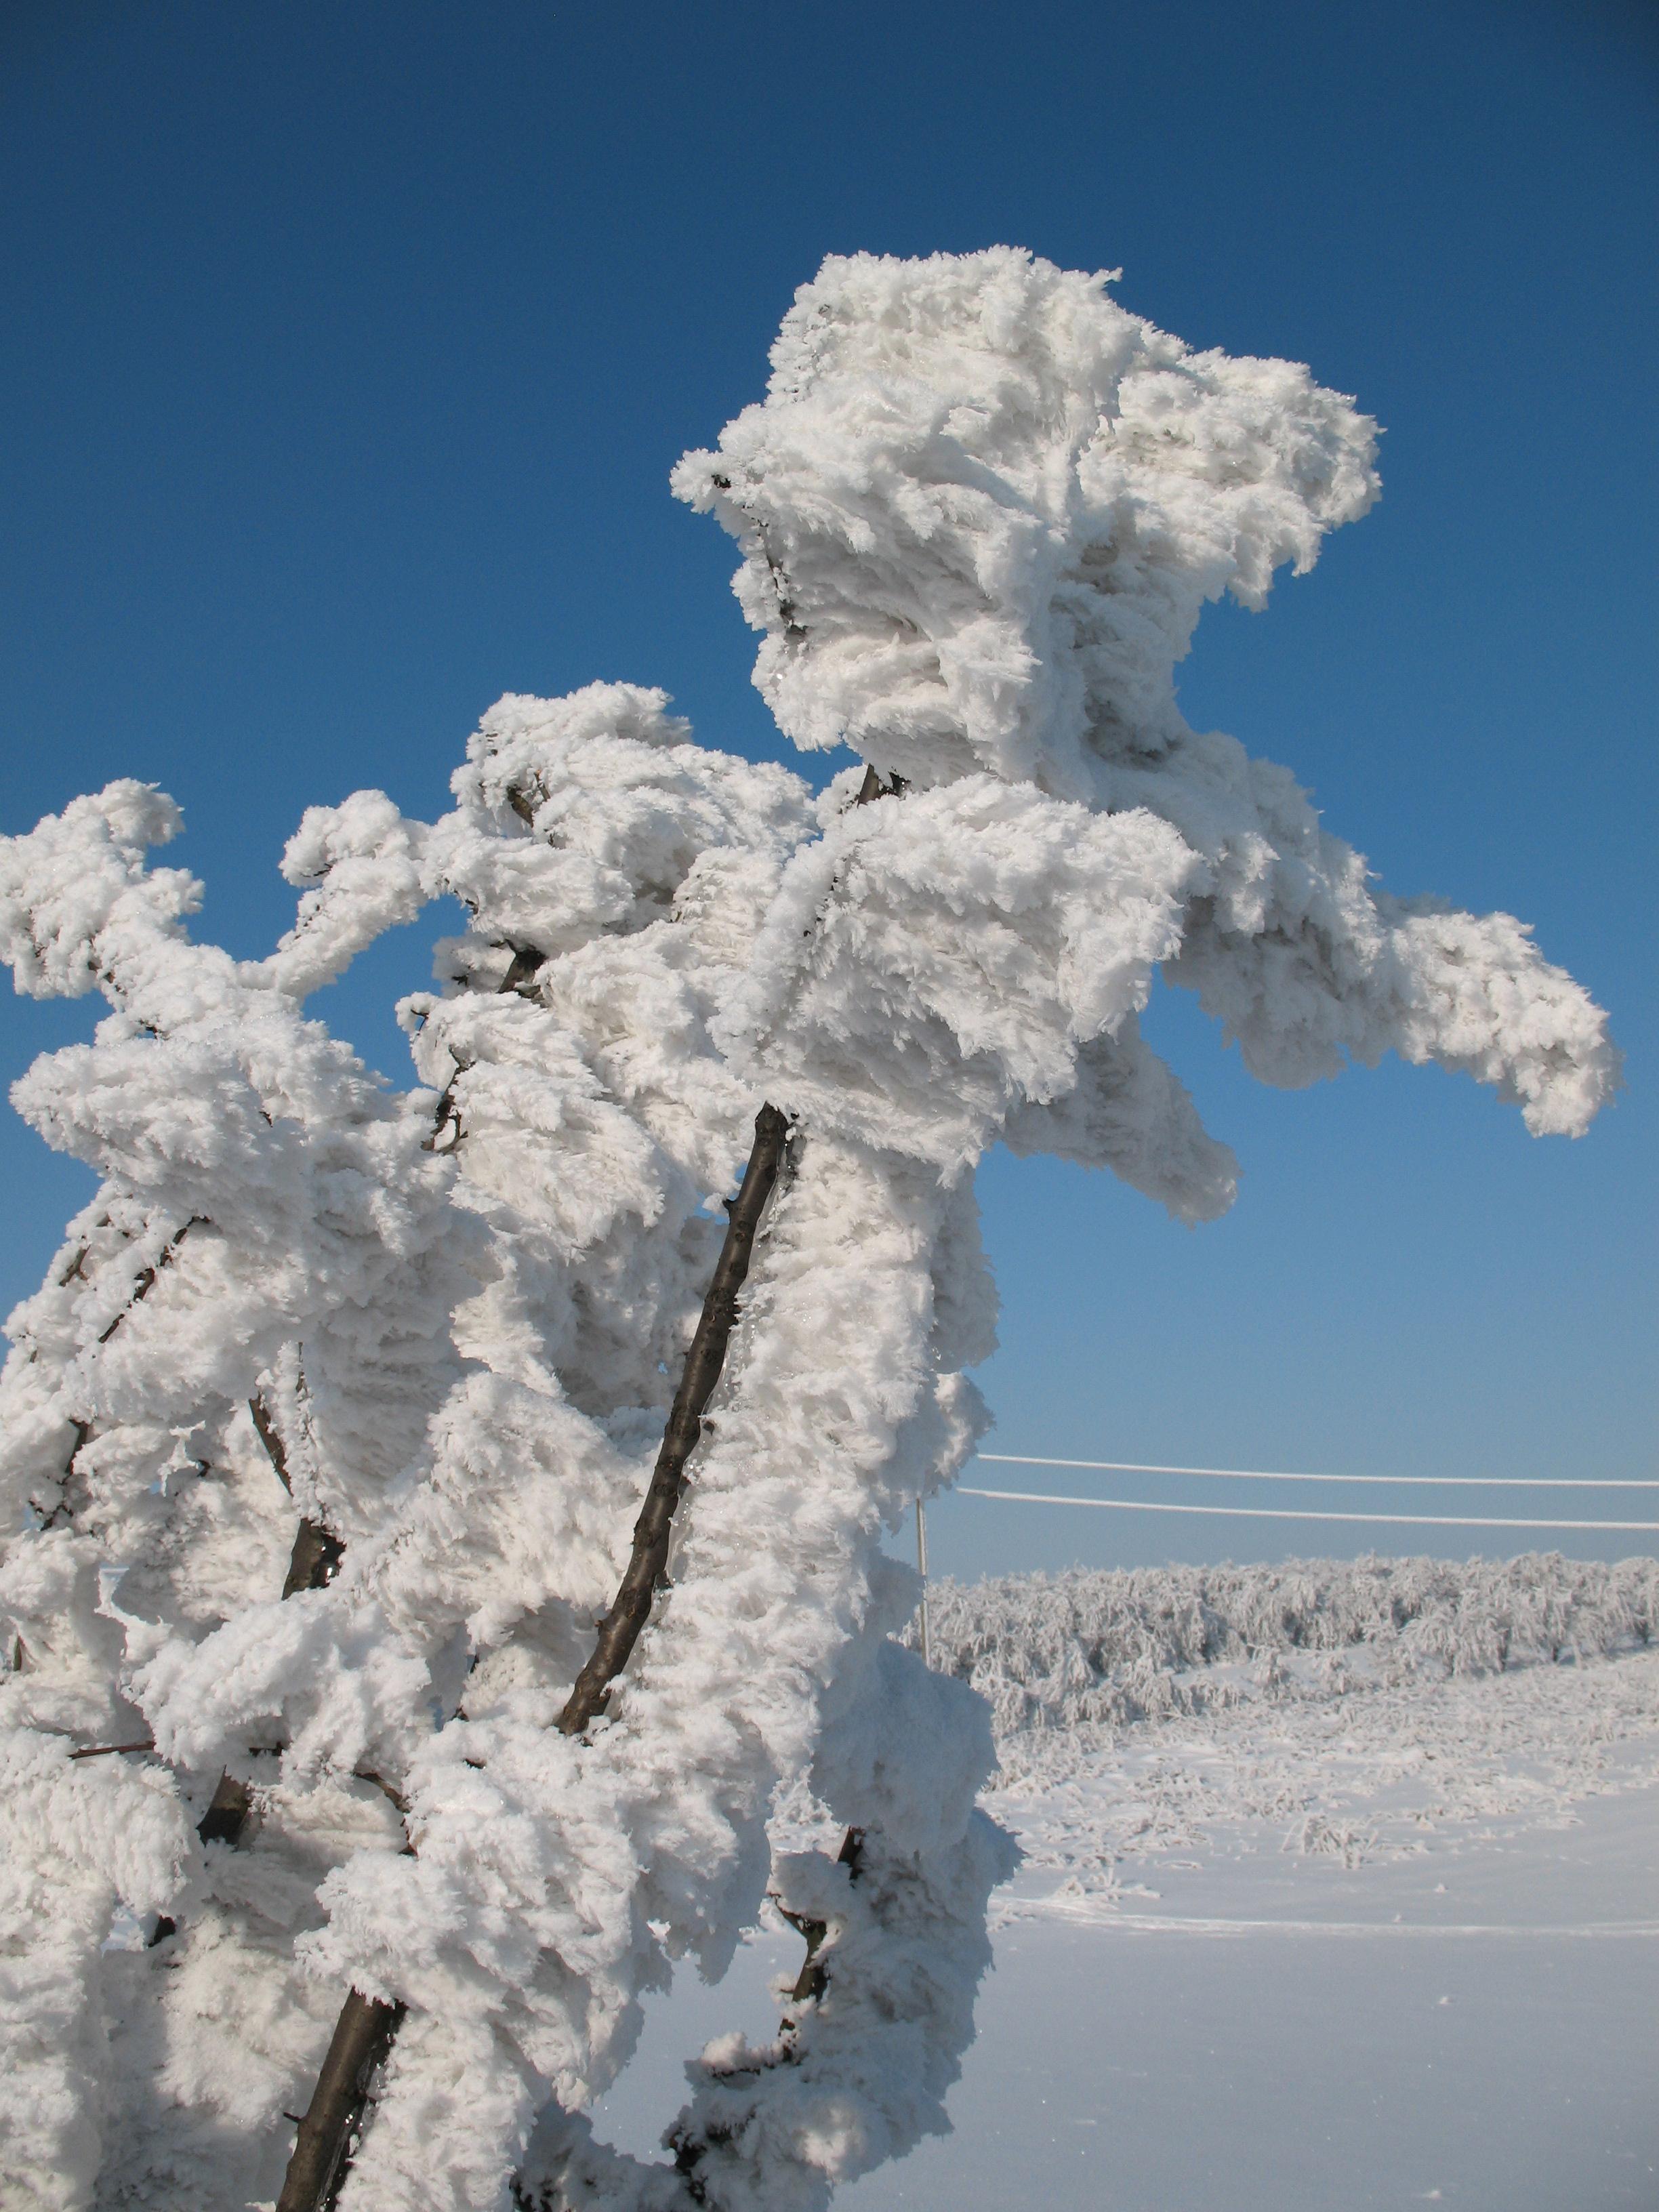 Szczotki szadzi osadzonej na gałęziach (styczeń 2010, fot. S. Wypych)